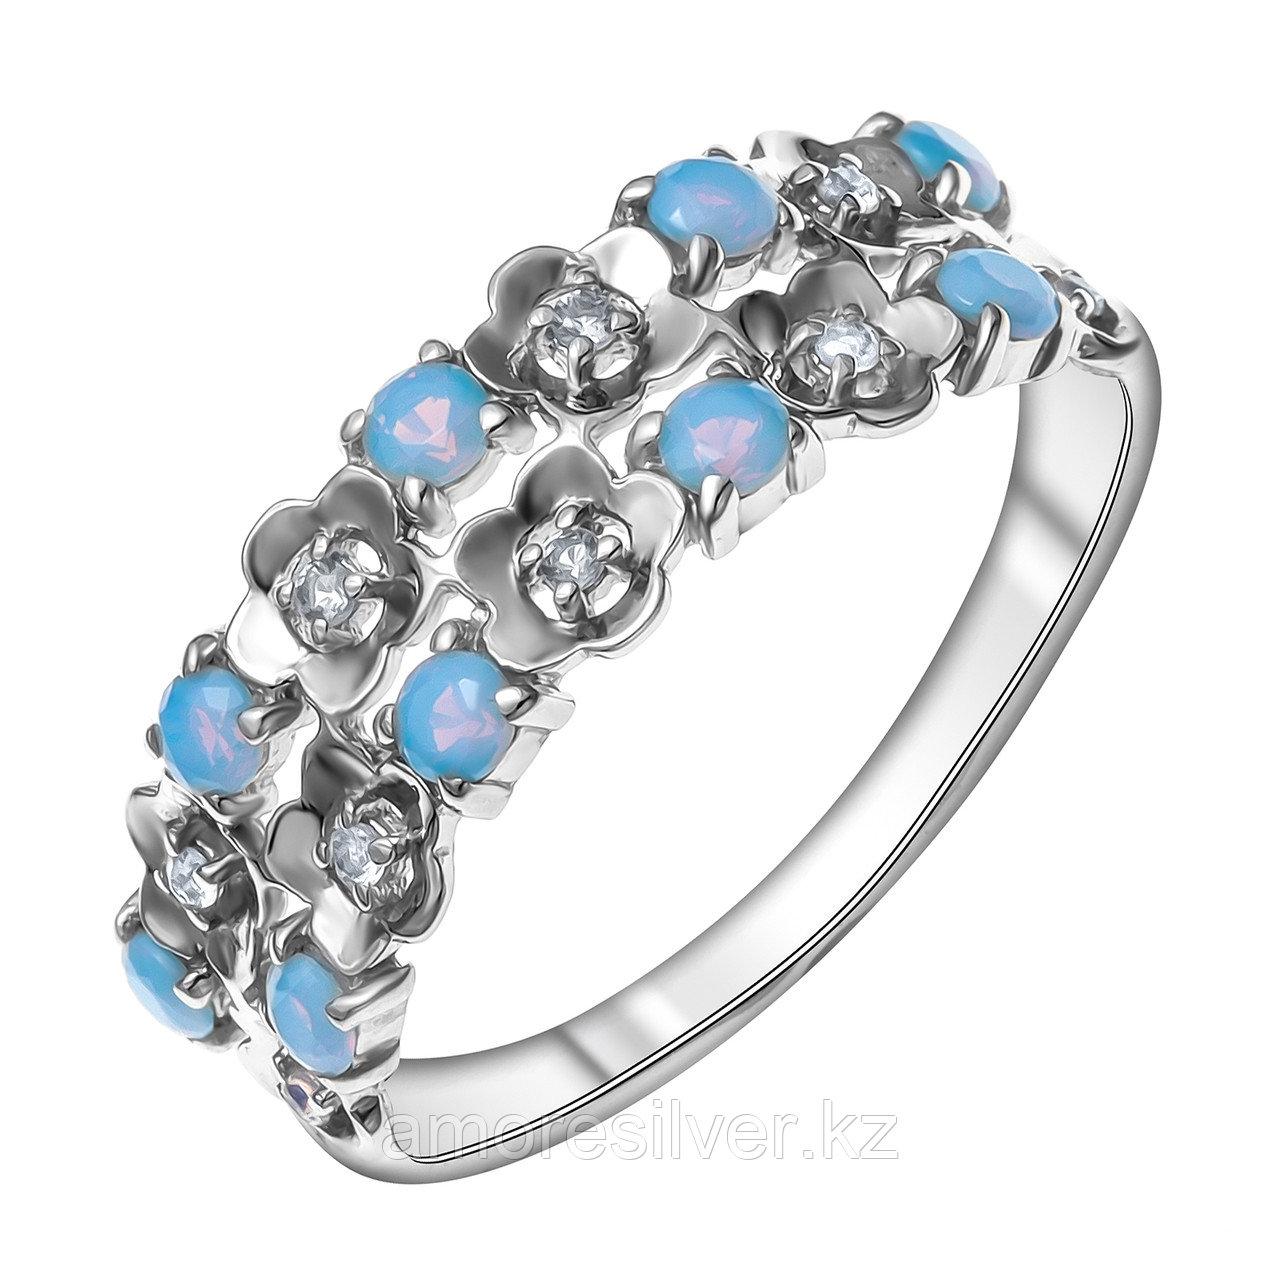 Кольцо из серебра с наношпинелью синт.  Teosa 121-1495-nT-R